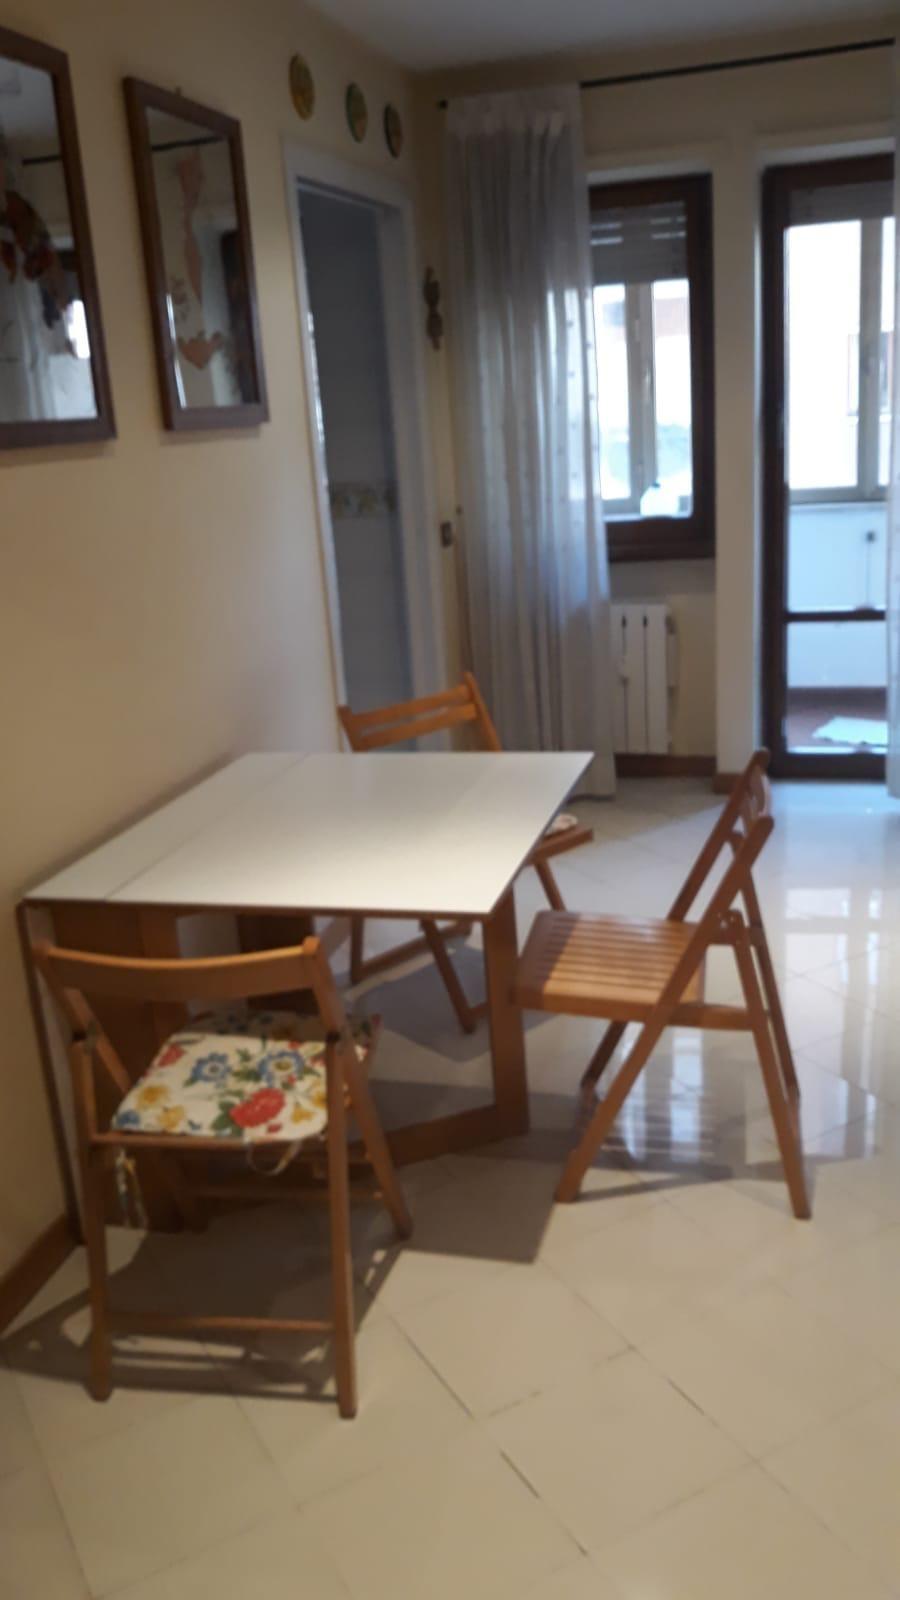 piso-amplio-centrico-zona-lepanto-vaticano-64457fa73b08e7df971015fdb4fa8f93